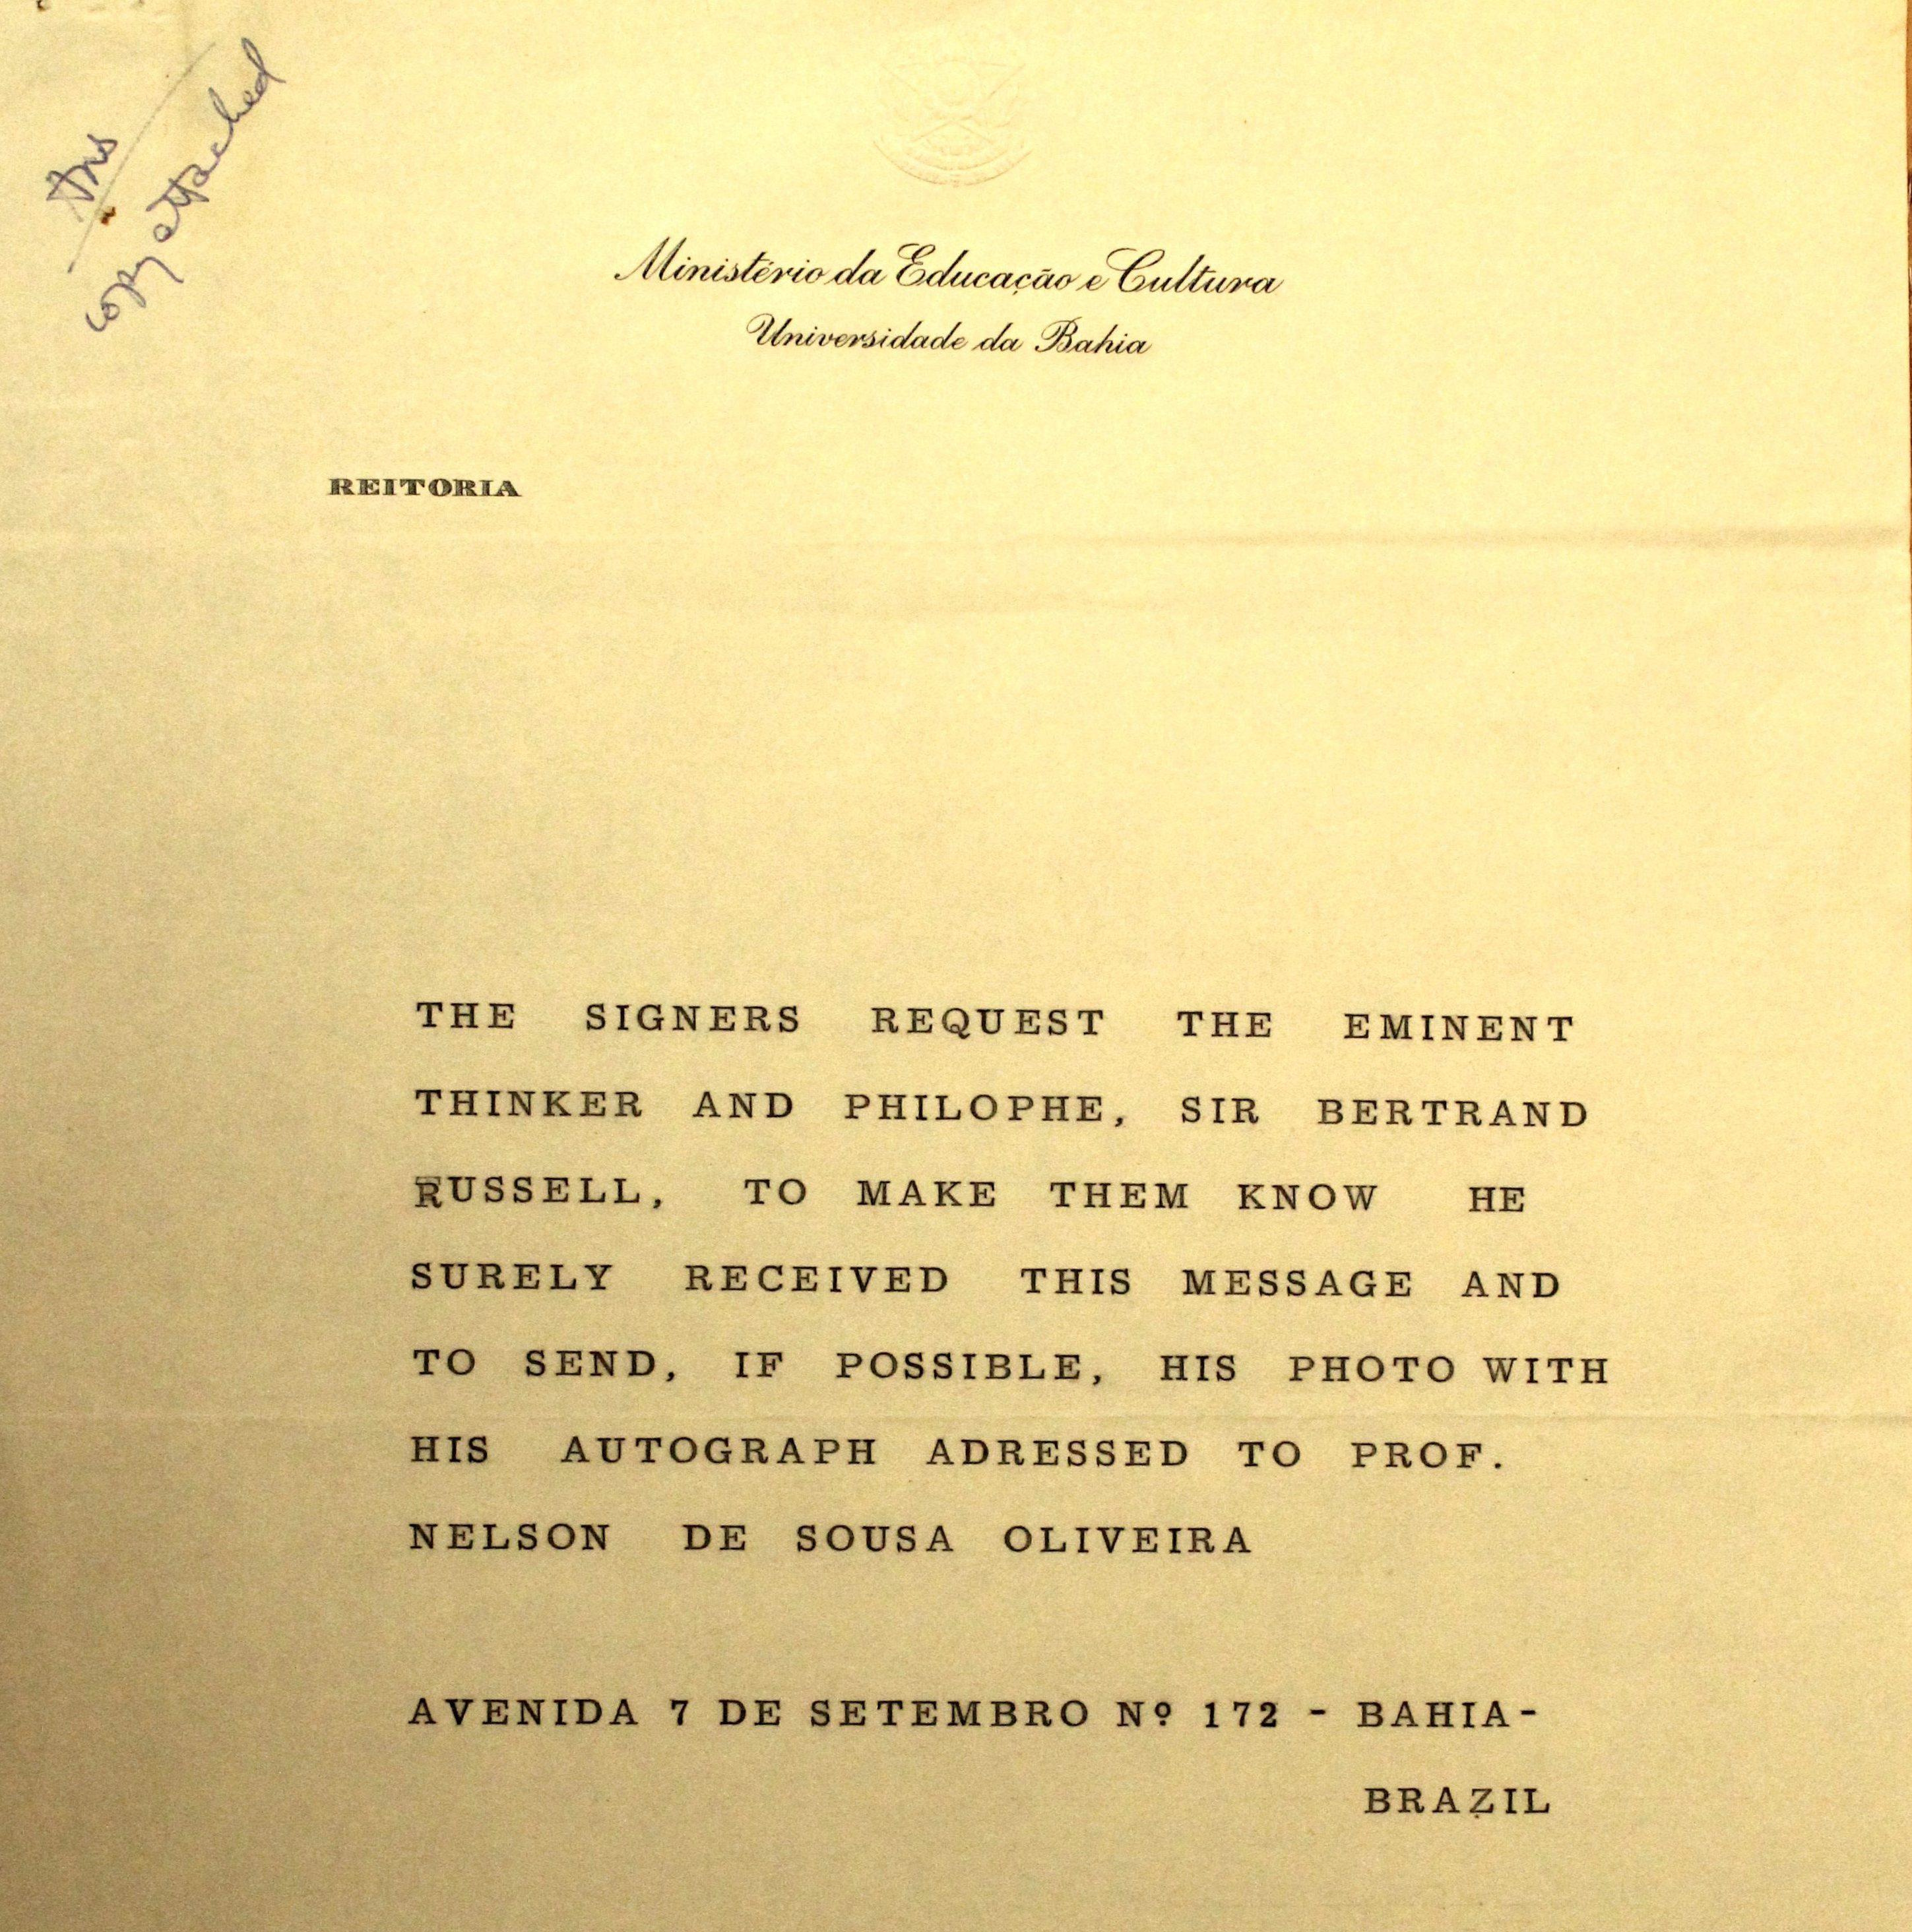 Capa da carta Bertrand Russel